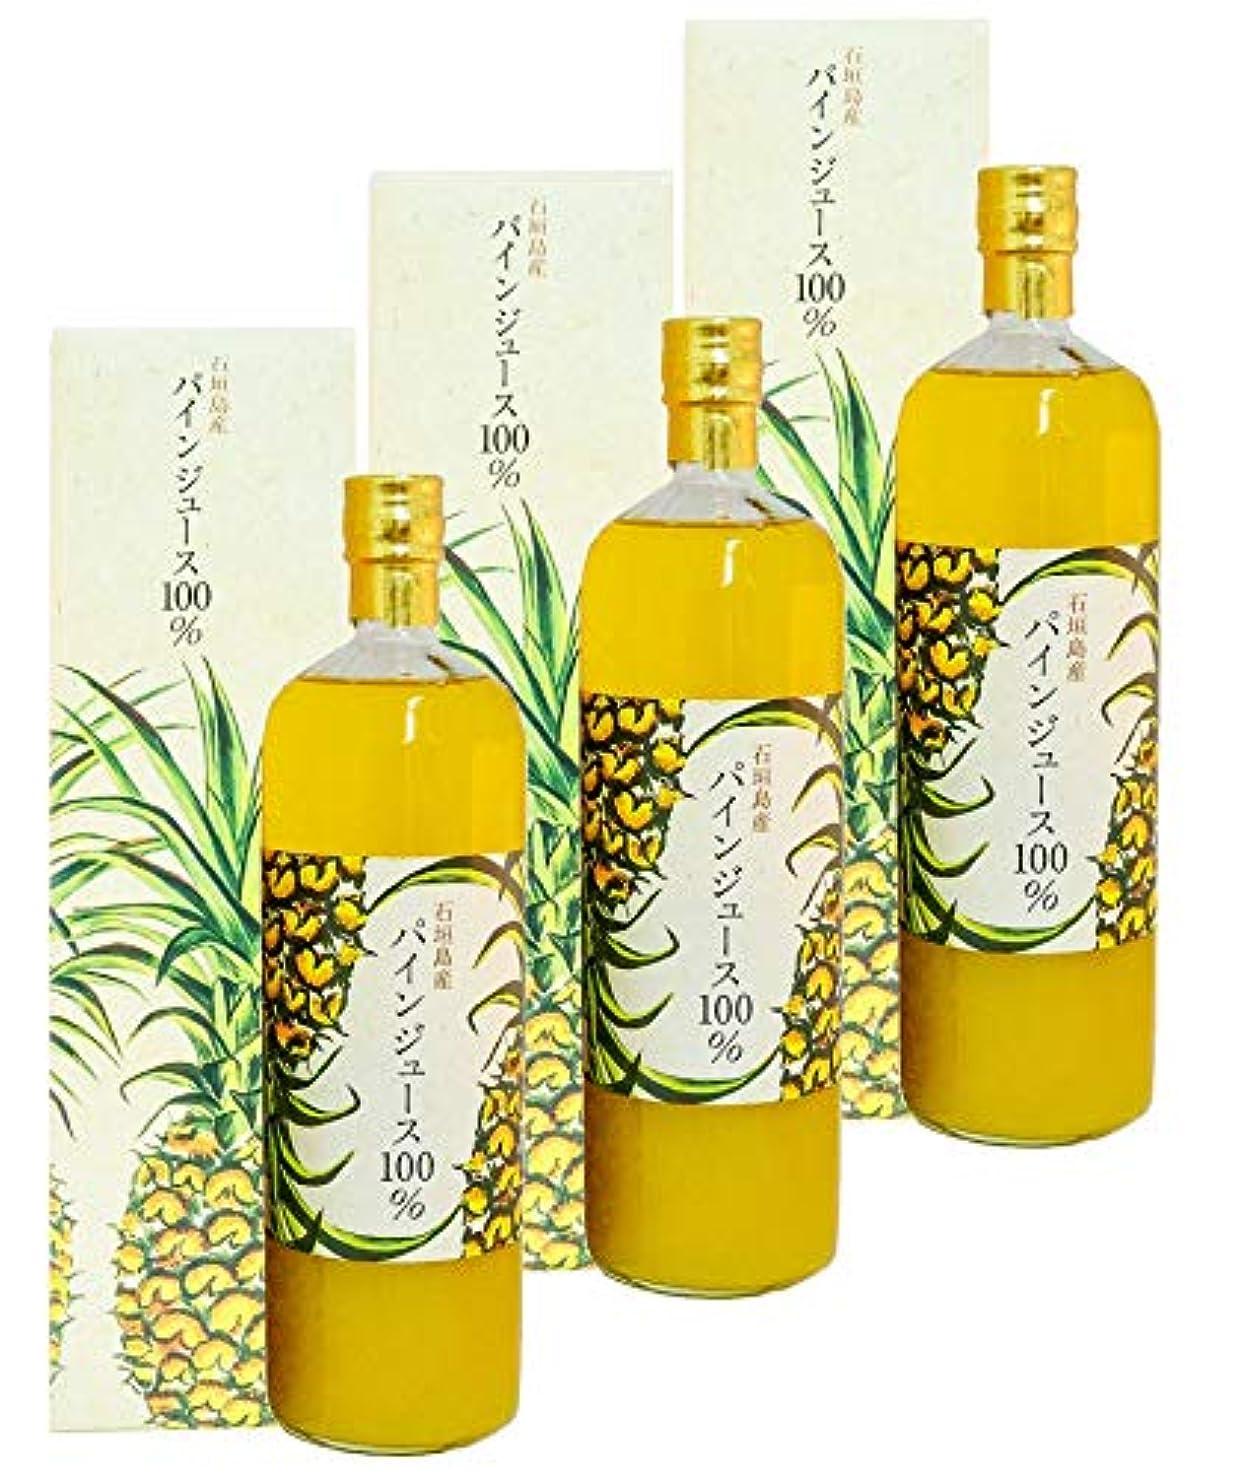 番目種すべて石垣島産 パインジュース100% 900ml 3本 パイナップルジュース